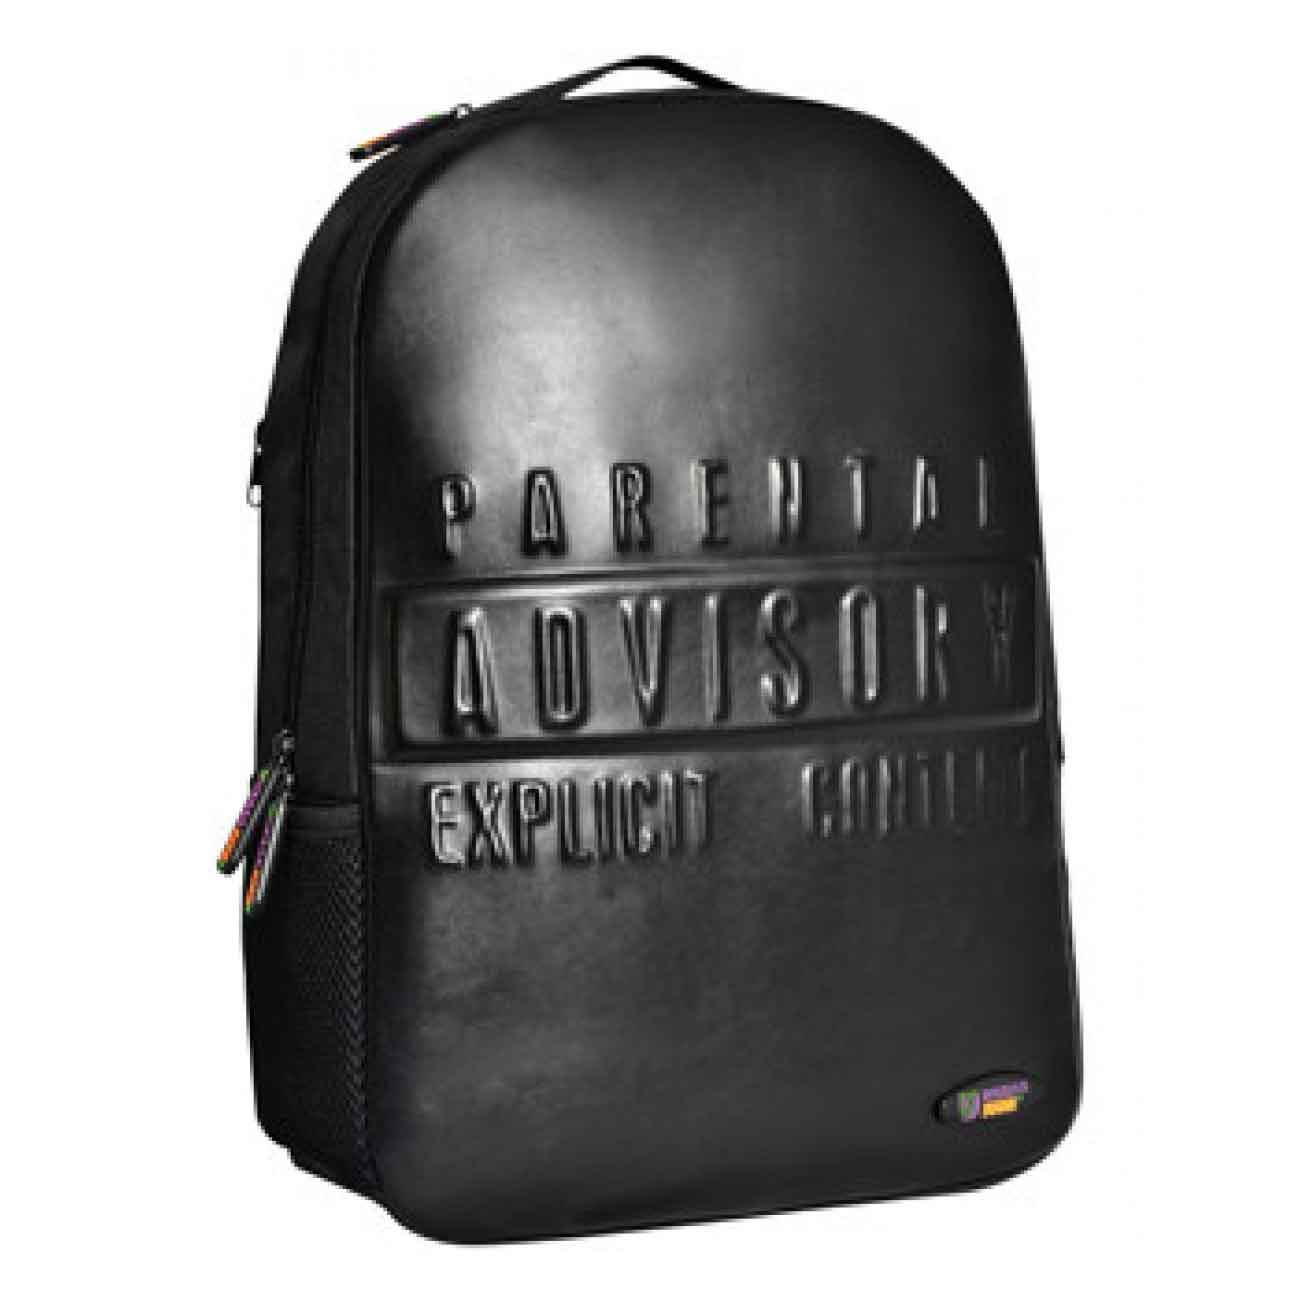 Whish Herenkleding. Backpack black Warning 3D Lux